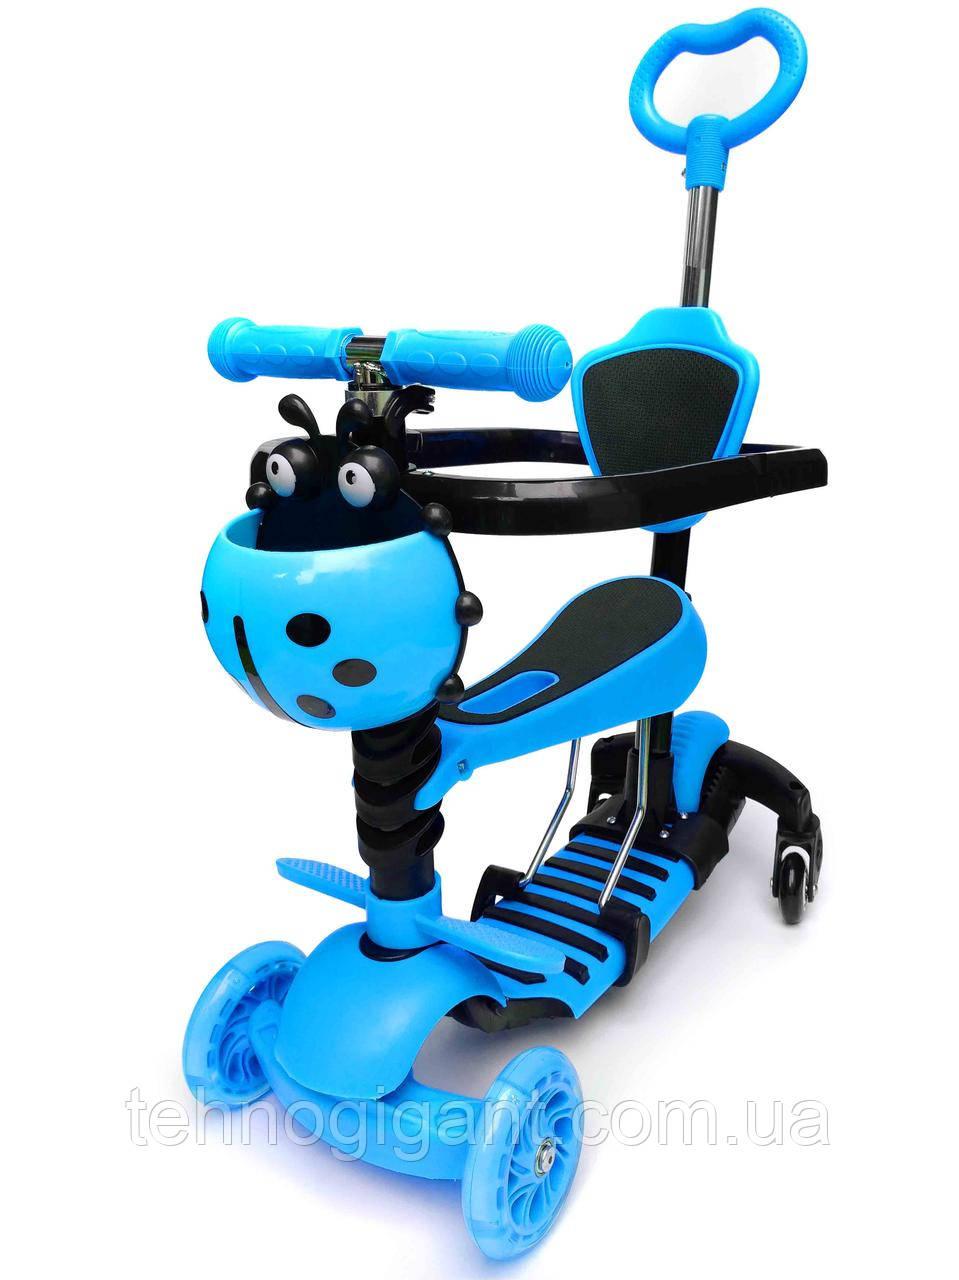 Трехколесный самокат беговел с Scooter 5в1 с родительской ручкой, сиденьем и бортиком, Голубой